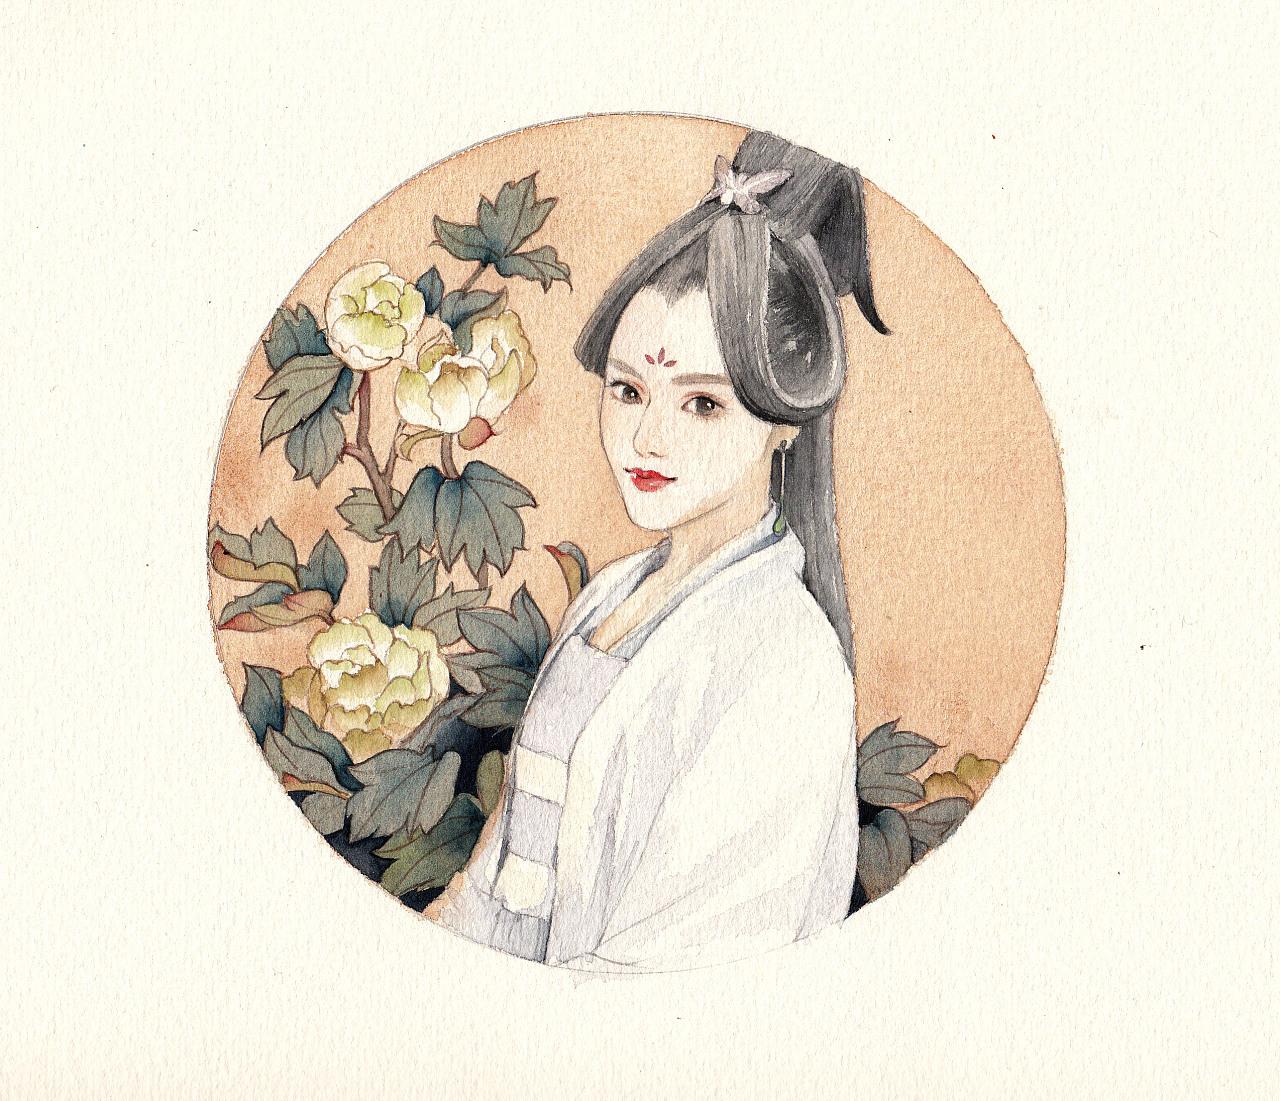 手绘水彩古风人物插画